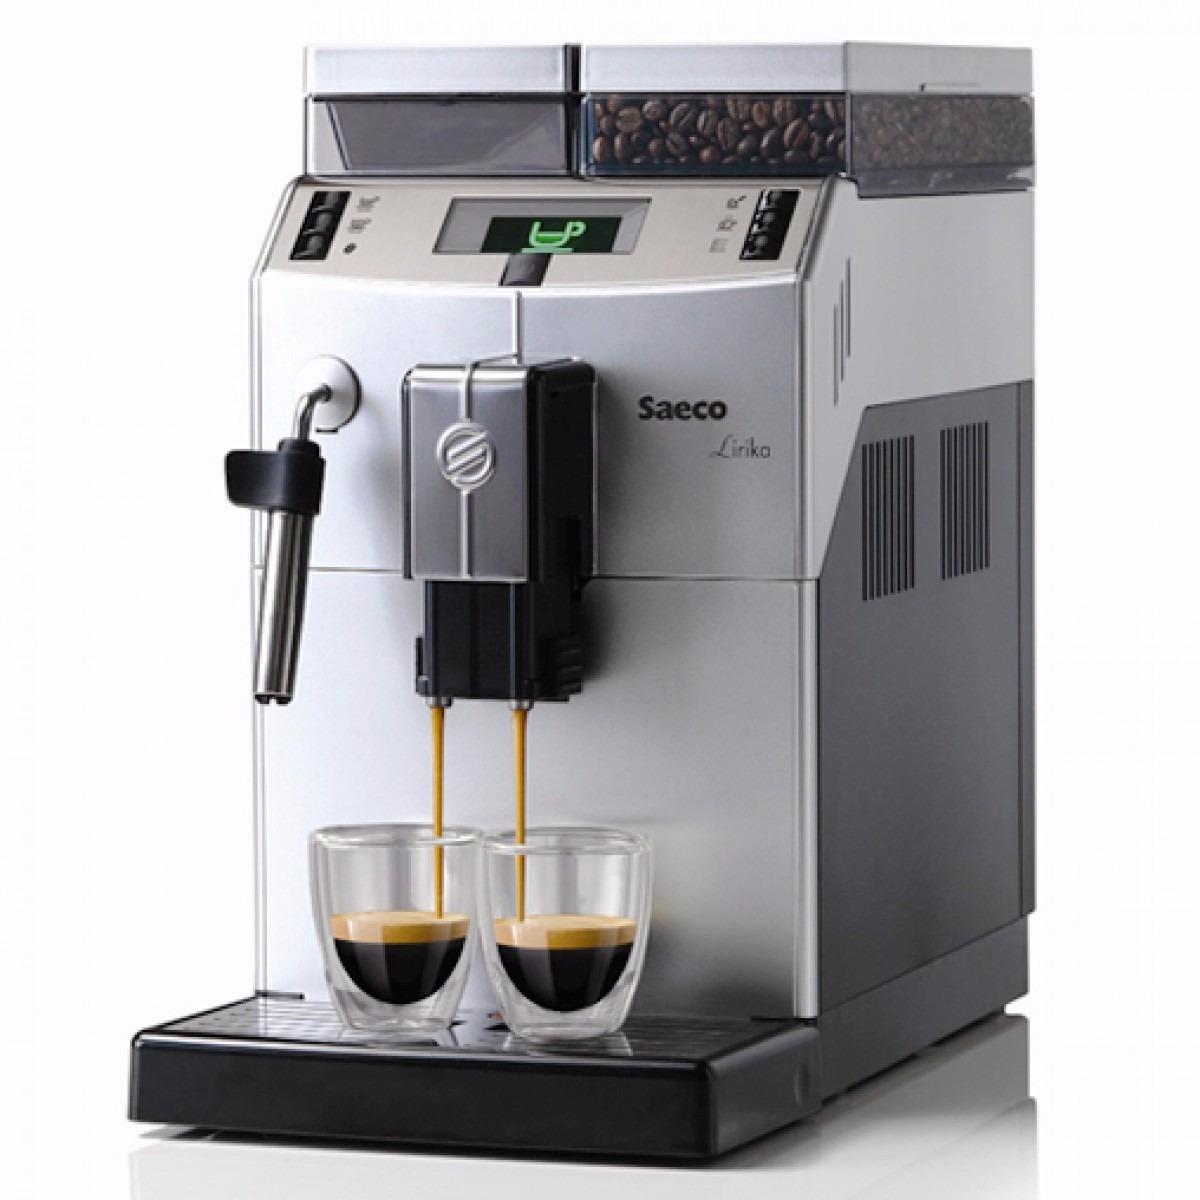 maquina caf expresso italiana autom tica saeco lirika r em mercado livre. Black Bedroom Furniture Sets. Home Design Ideas